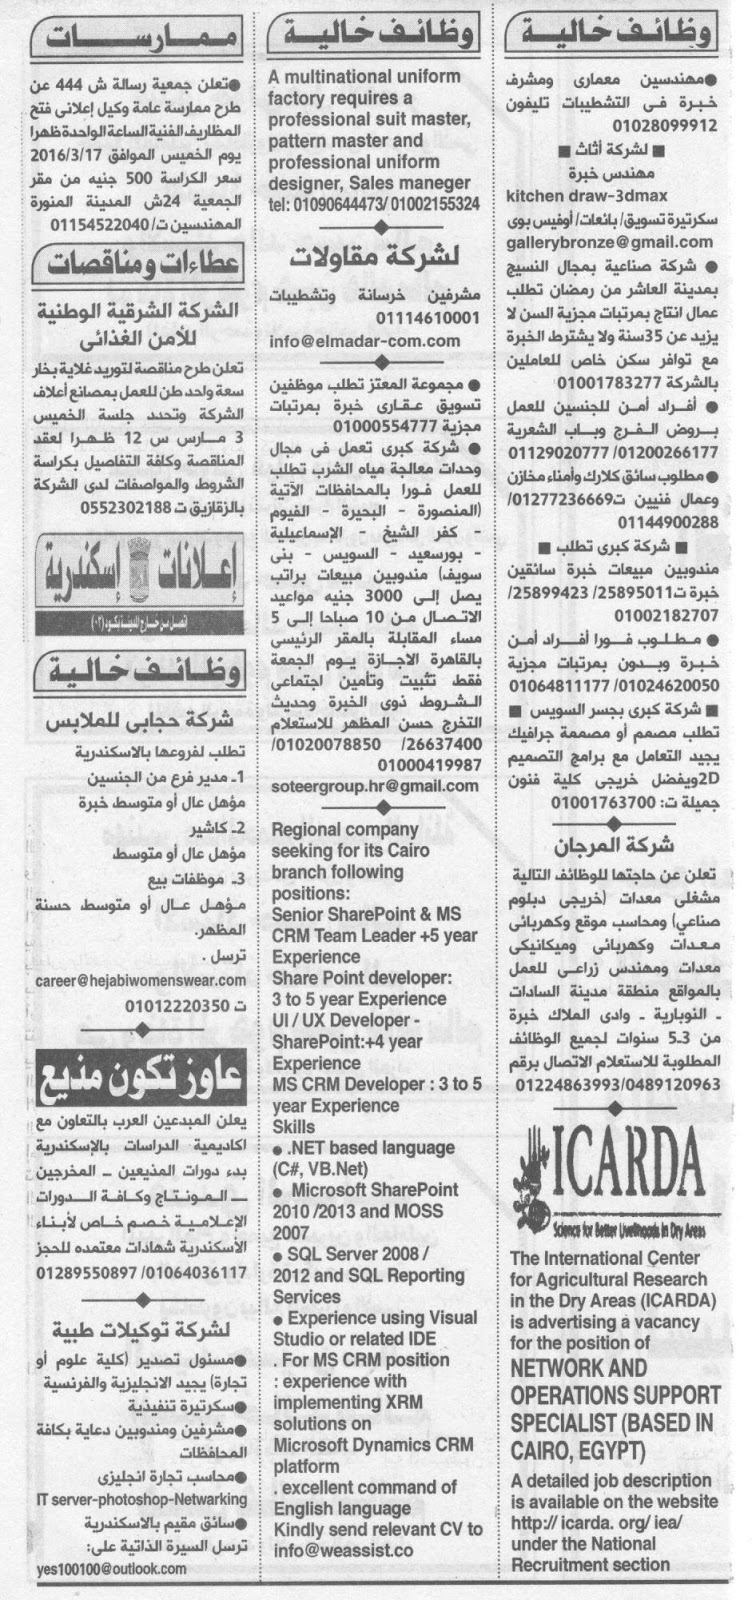 جريدة أهرام الجمعة 26  فبراير 2016